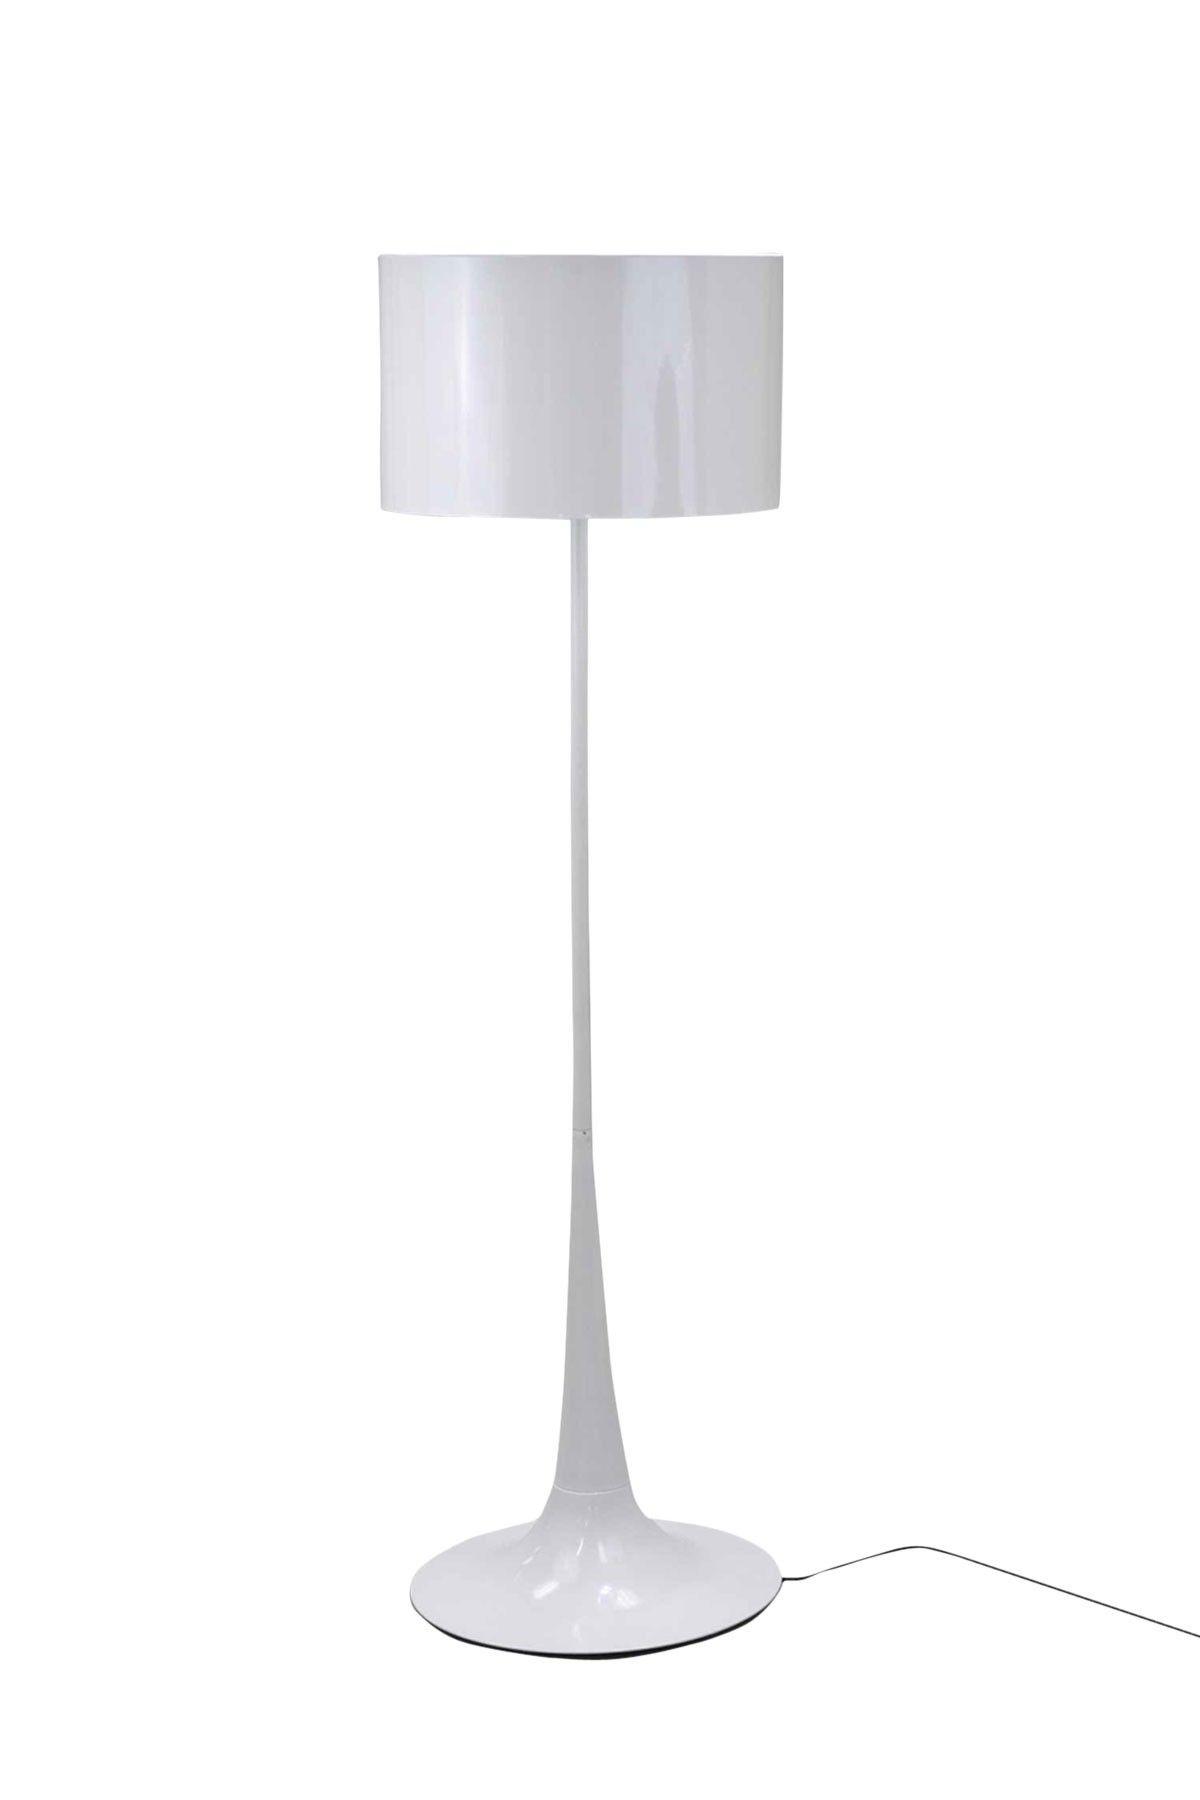 Fibergladd Modern Floor Lamps White Floor Lamp Floor Lamp